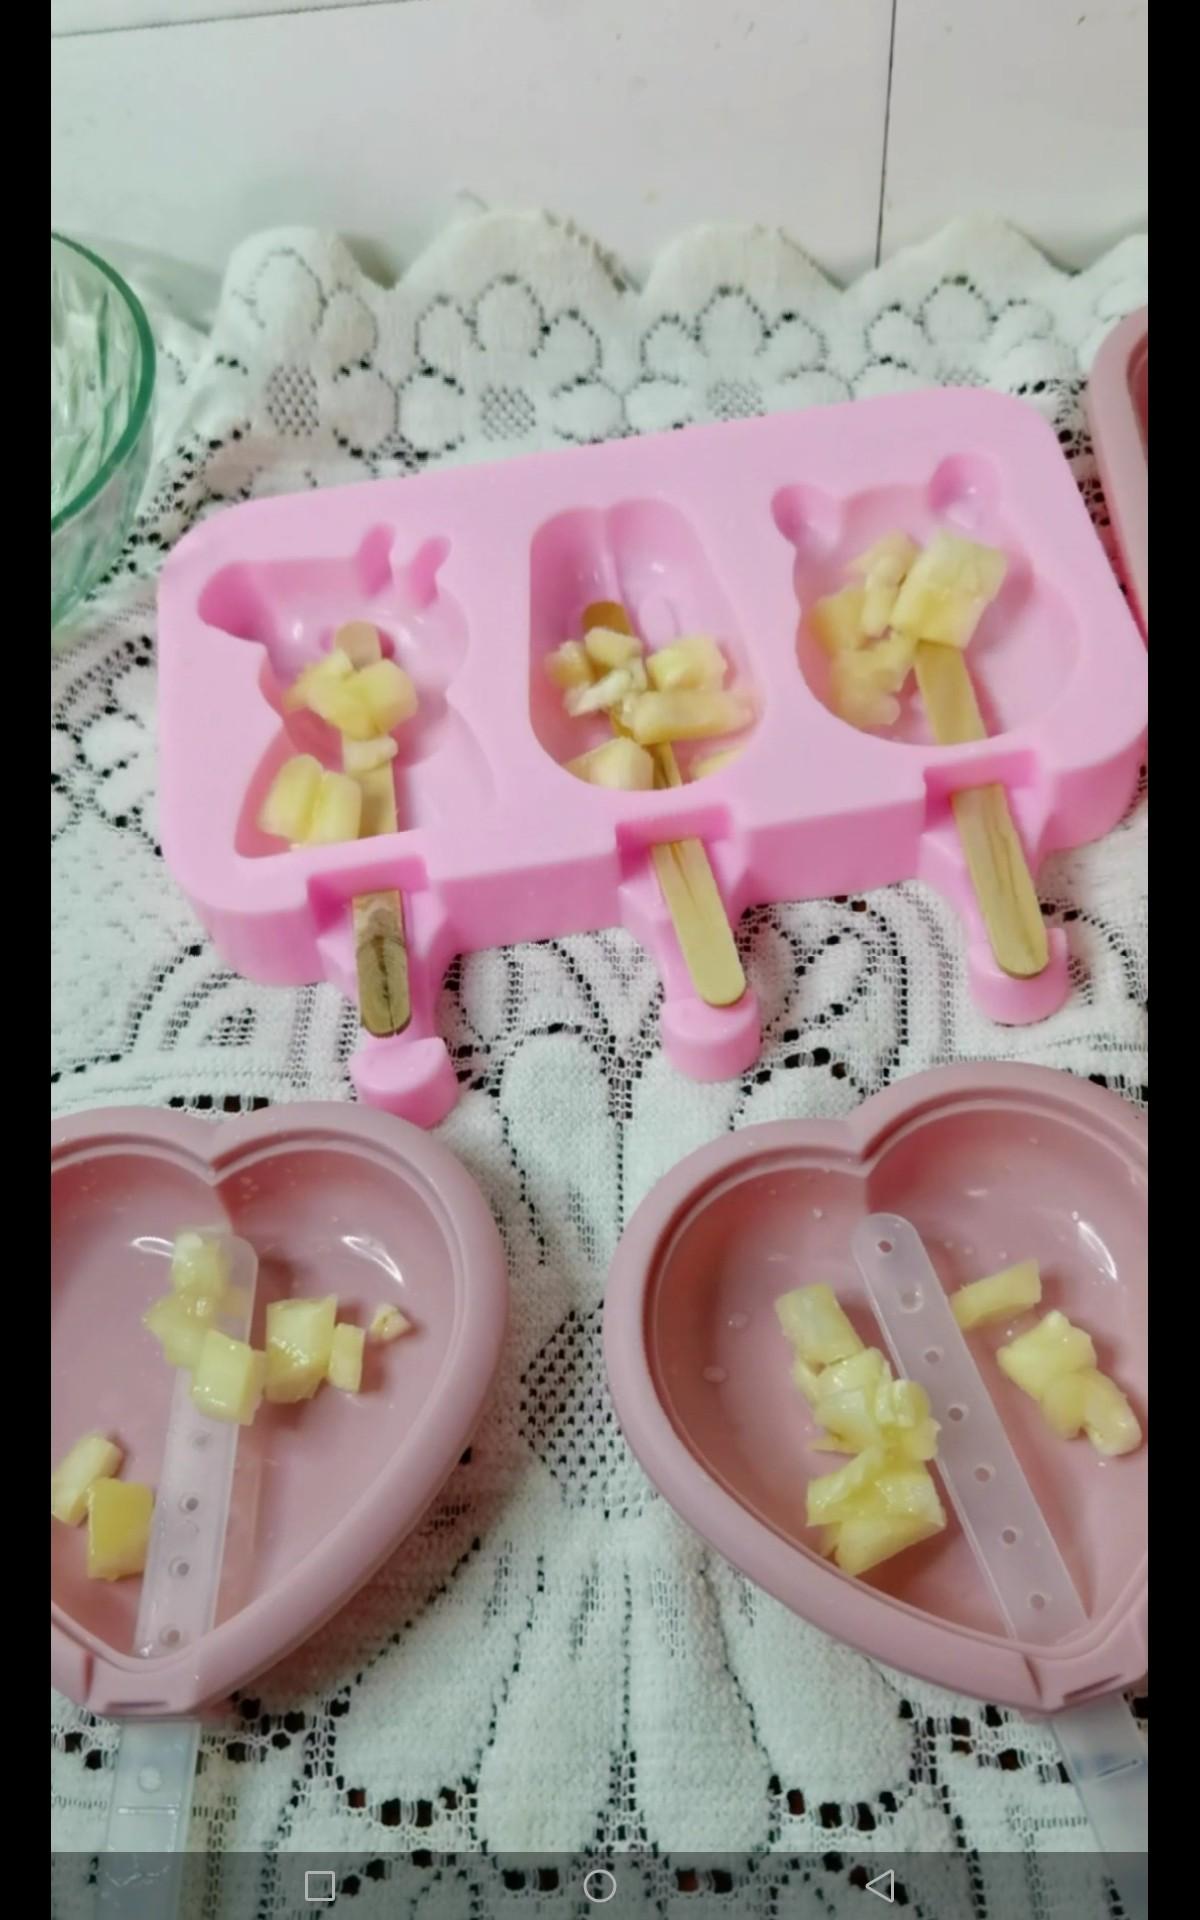 菠萝冰棍怎么炒